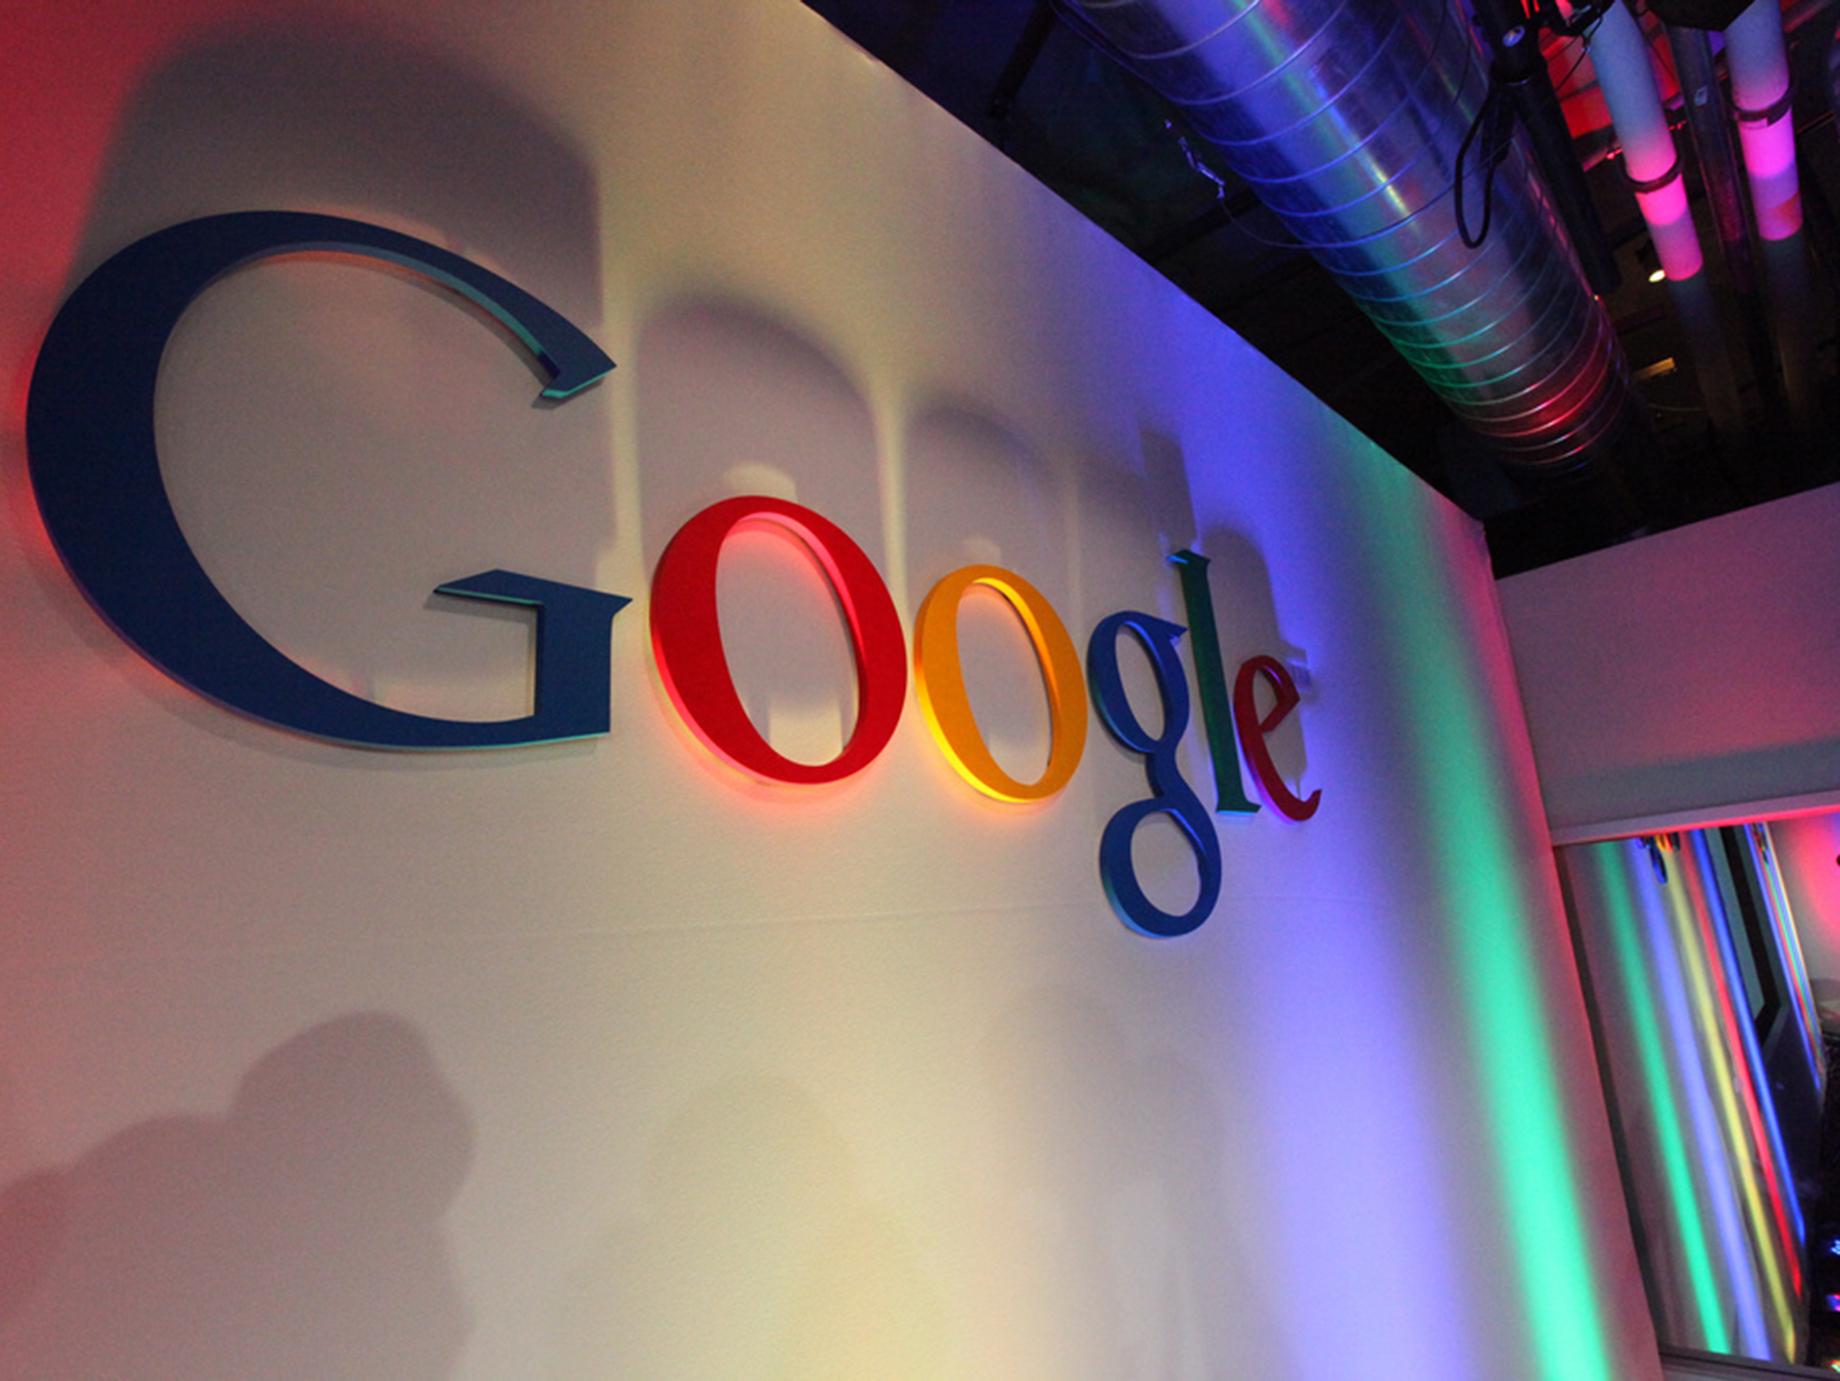 雲端大戰!「小三」Google想突圍,「人工智慧」是關鍵